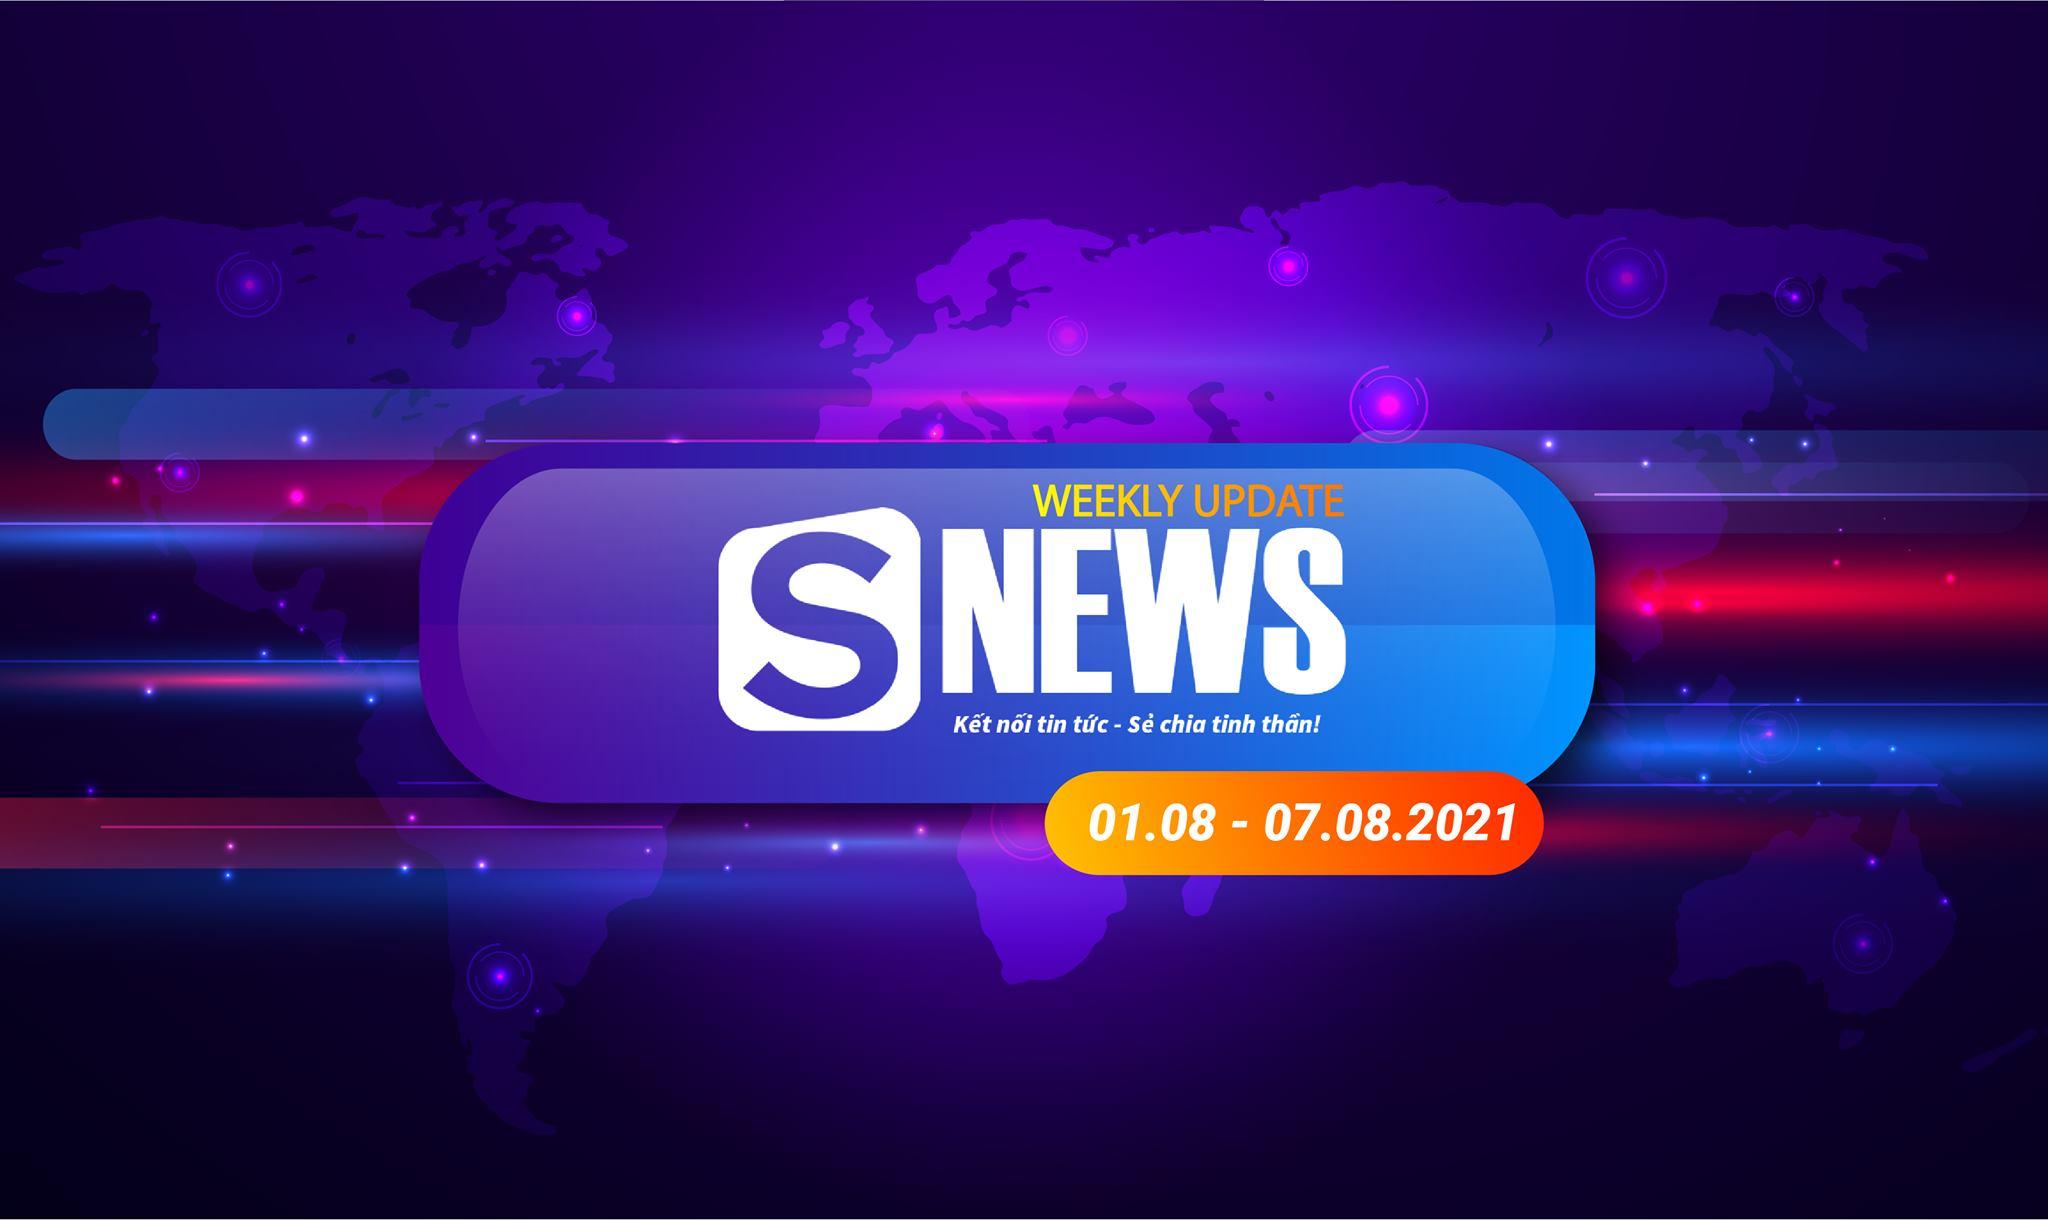 Tổng hợp tin tức Sapo tuần qua: ngày 01.08 - 07.08.2021